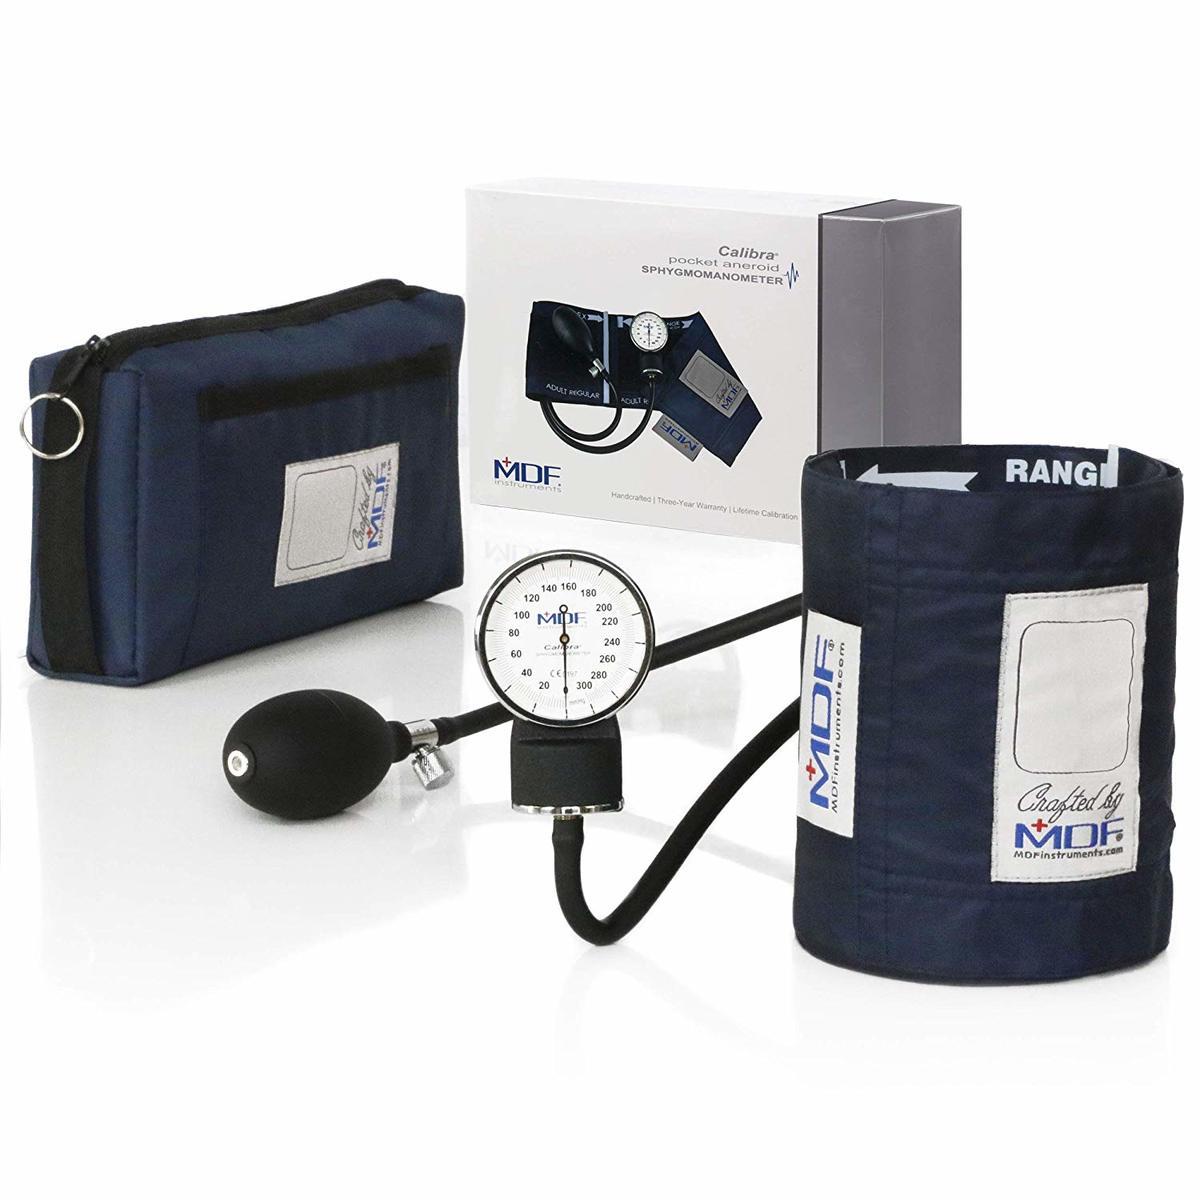 ネイビー MDF808M04 MDF 大決算セール アネロイド血圧計 評価 ネイビーブルー